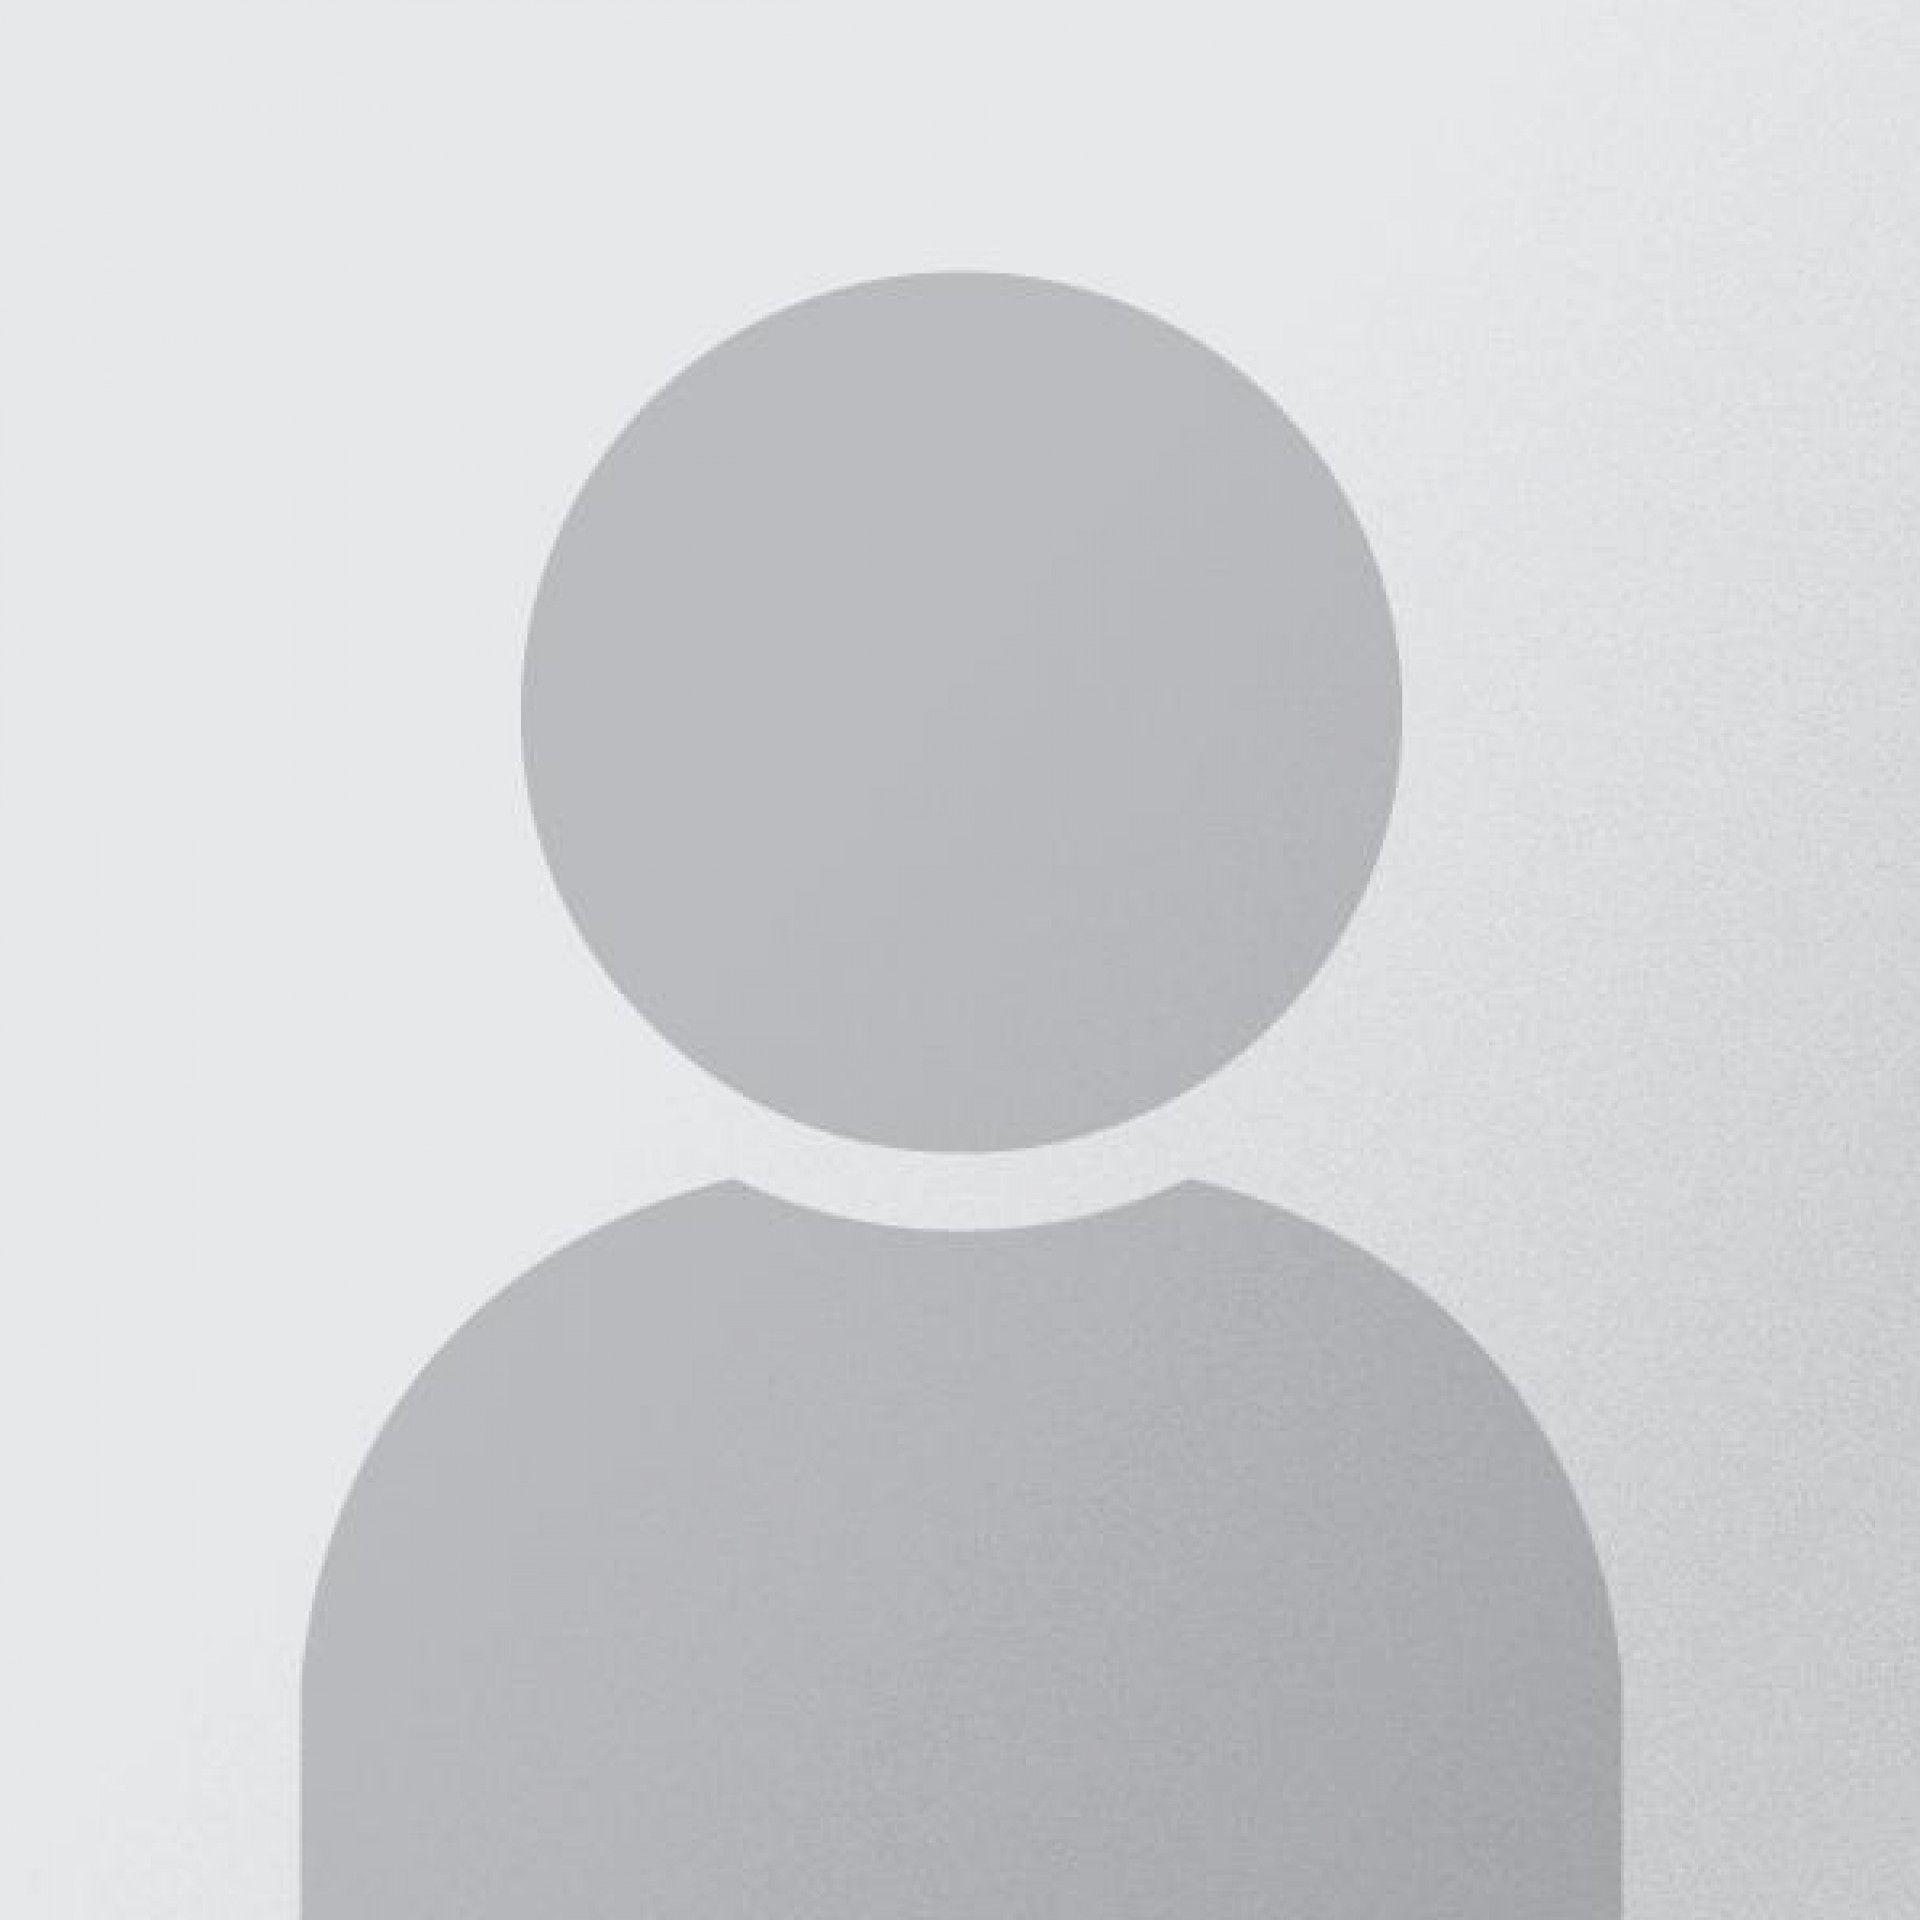 fotografia p021 profilu 0102JB2IEN